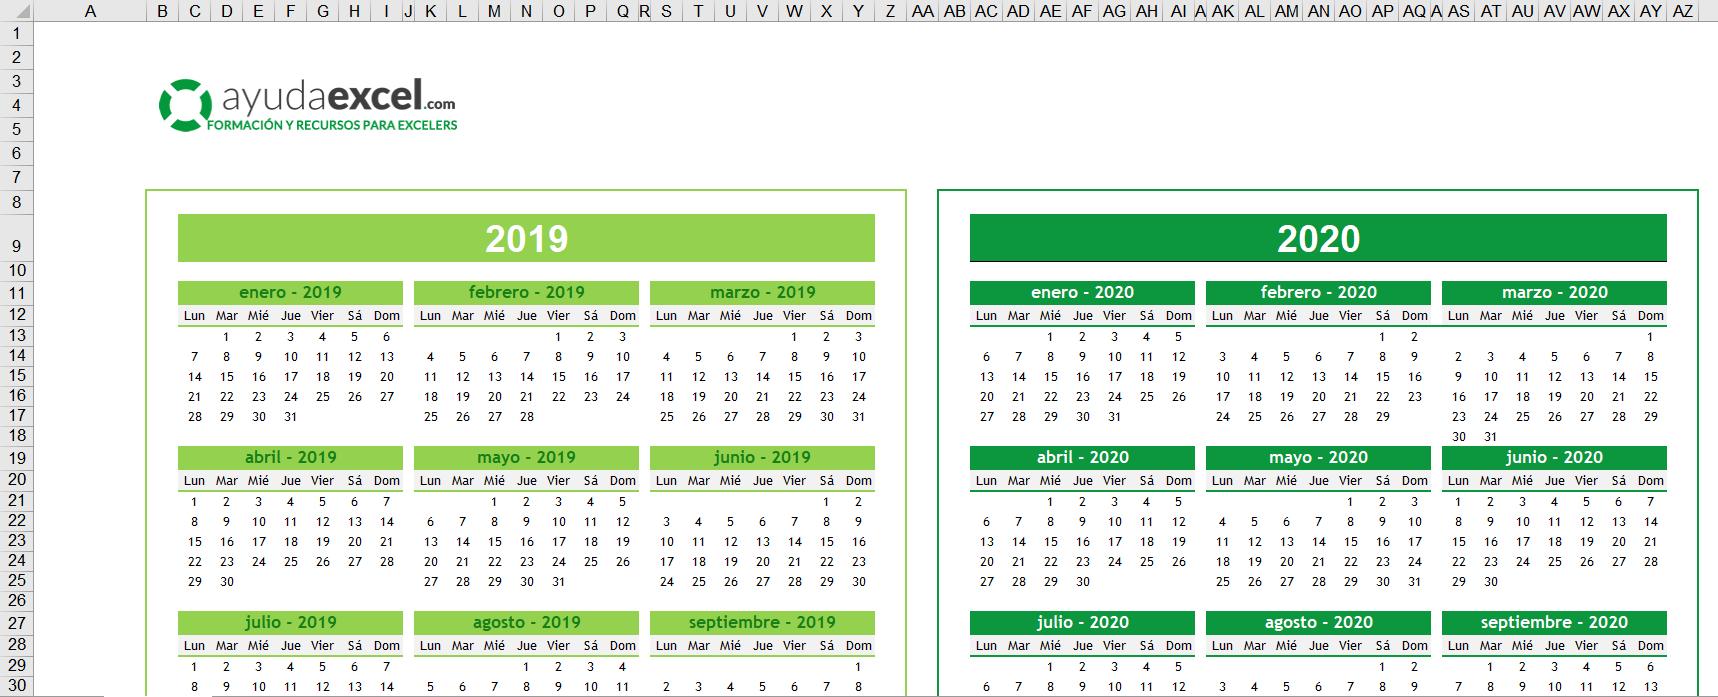 Plantillas Calendario En Excel 2020  Ayuda Excel for Calendario 2020 Con Semanas